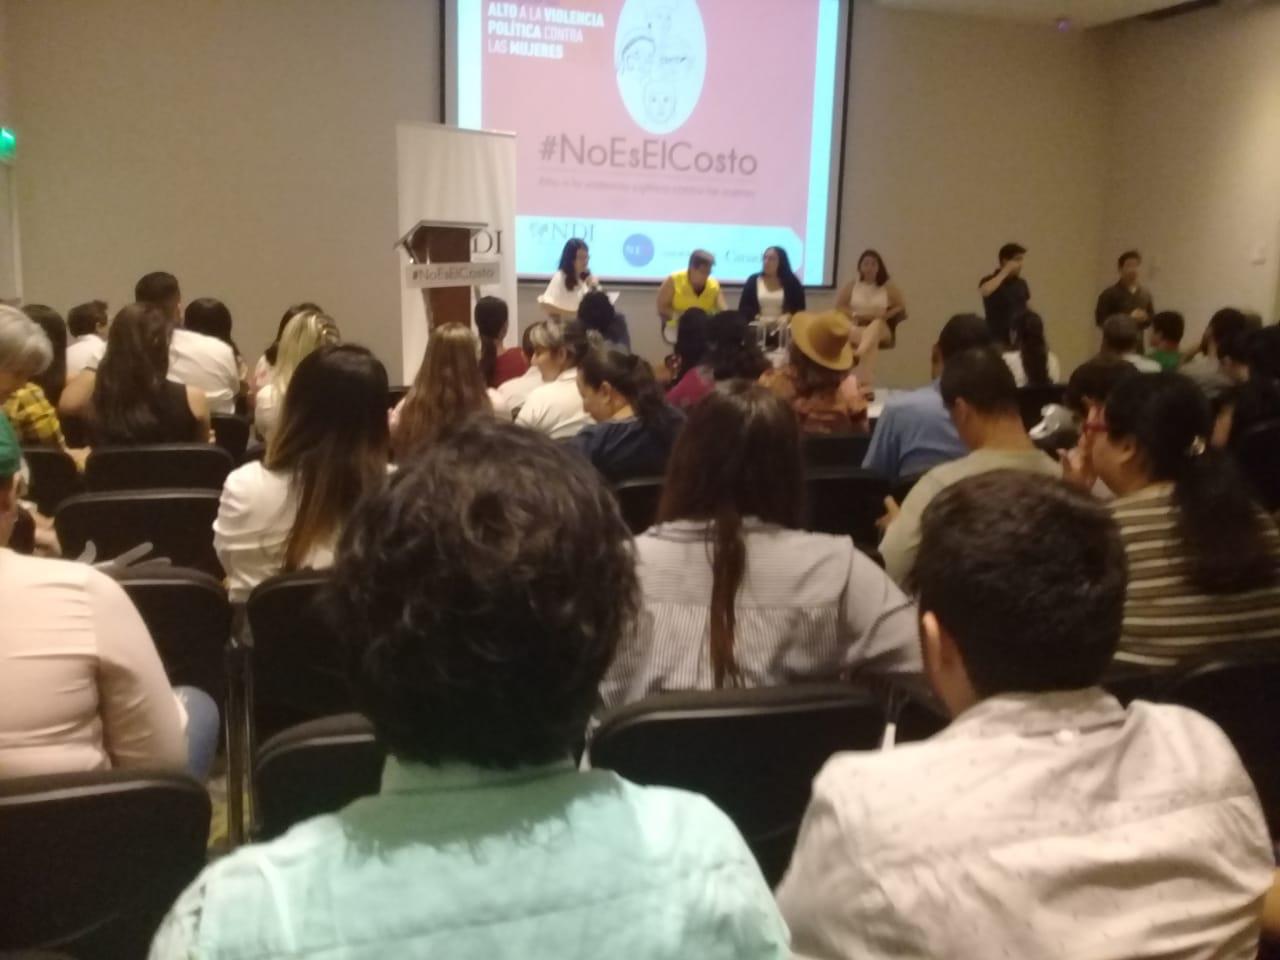 NDI, lanza en Colombia  campaña #NoEsElCosto para poner alto a la violencia política contra las mujeres.